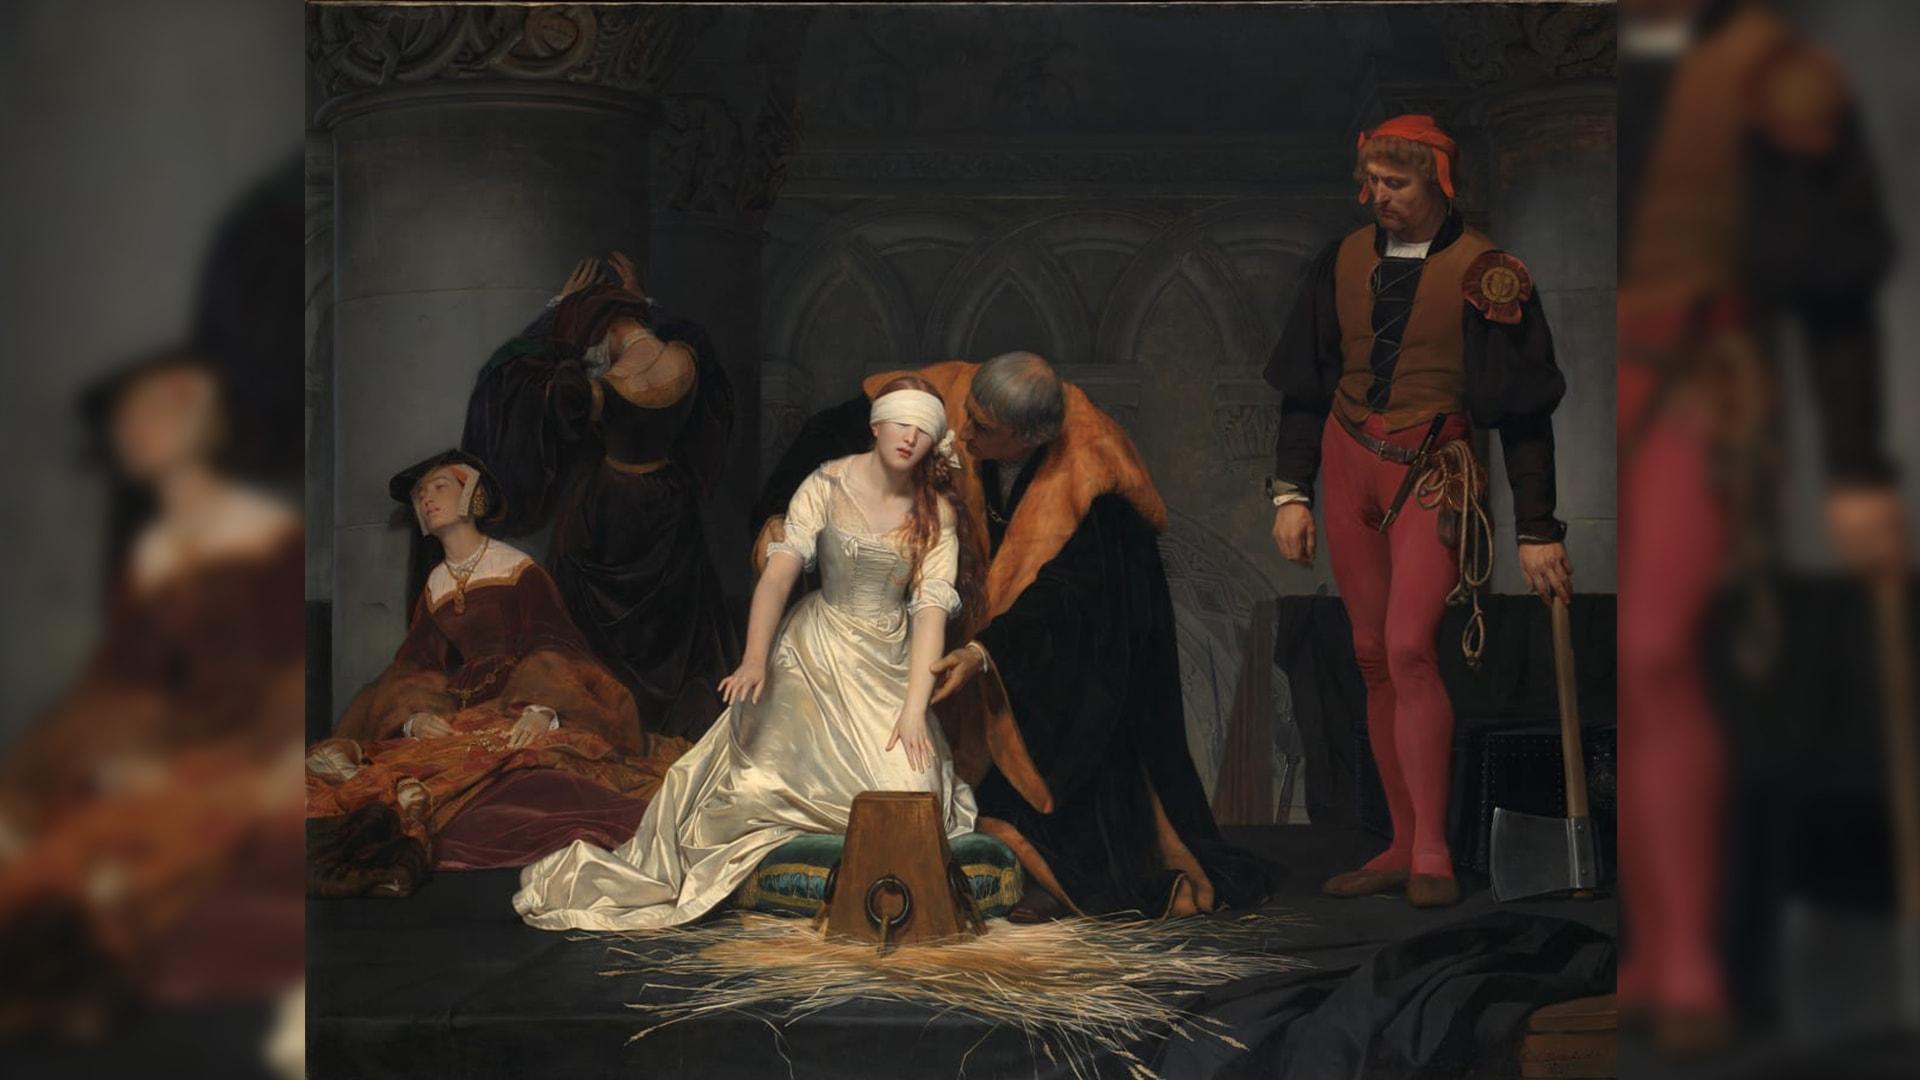 بالصور.. لوحات ملكية بريطانية تُعرض في الولايات المتحدة لأول مرة